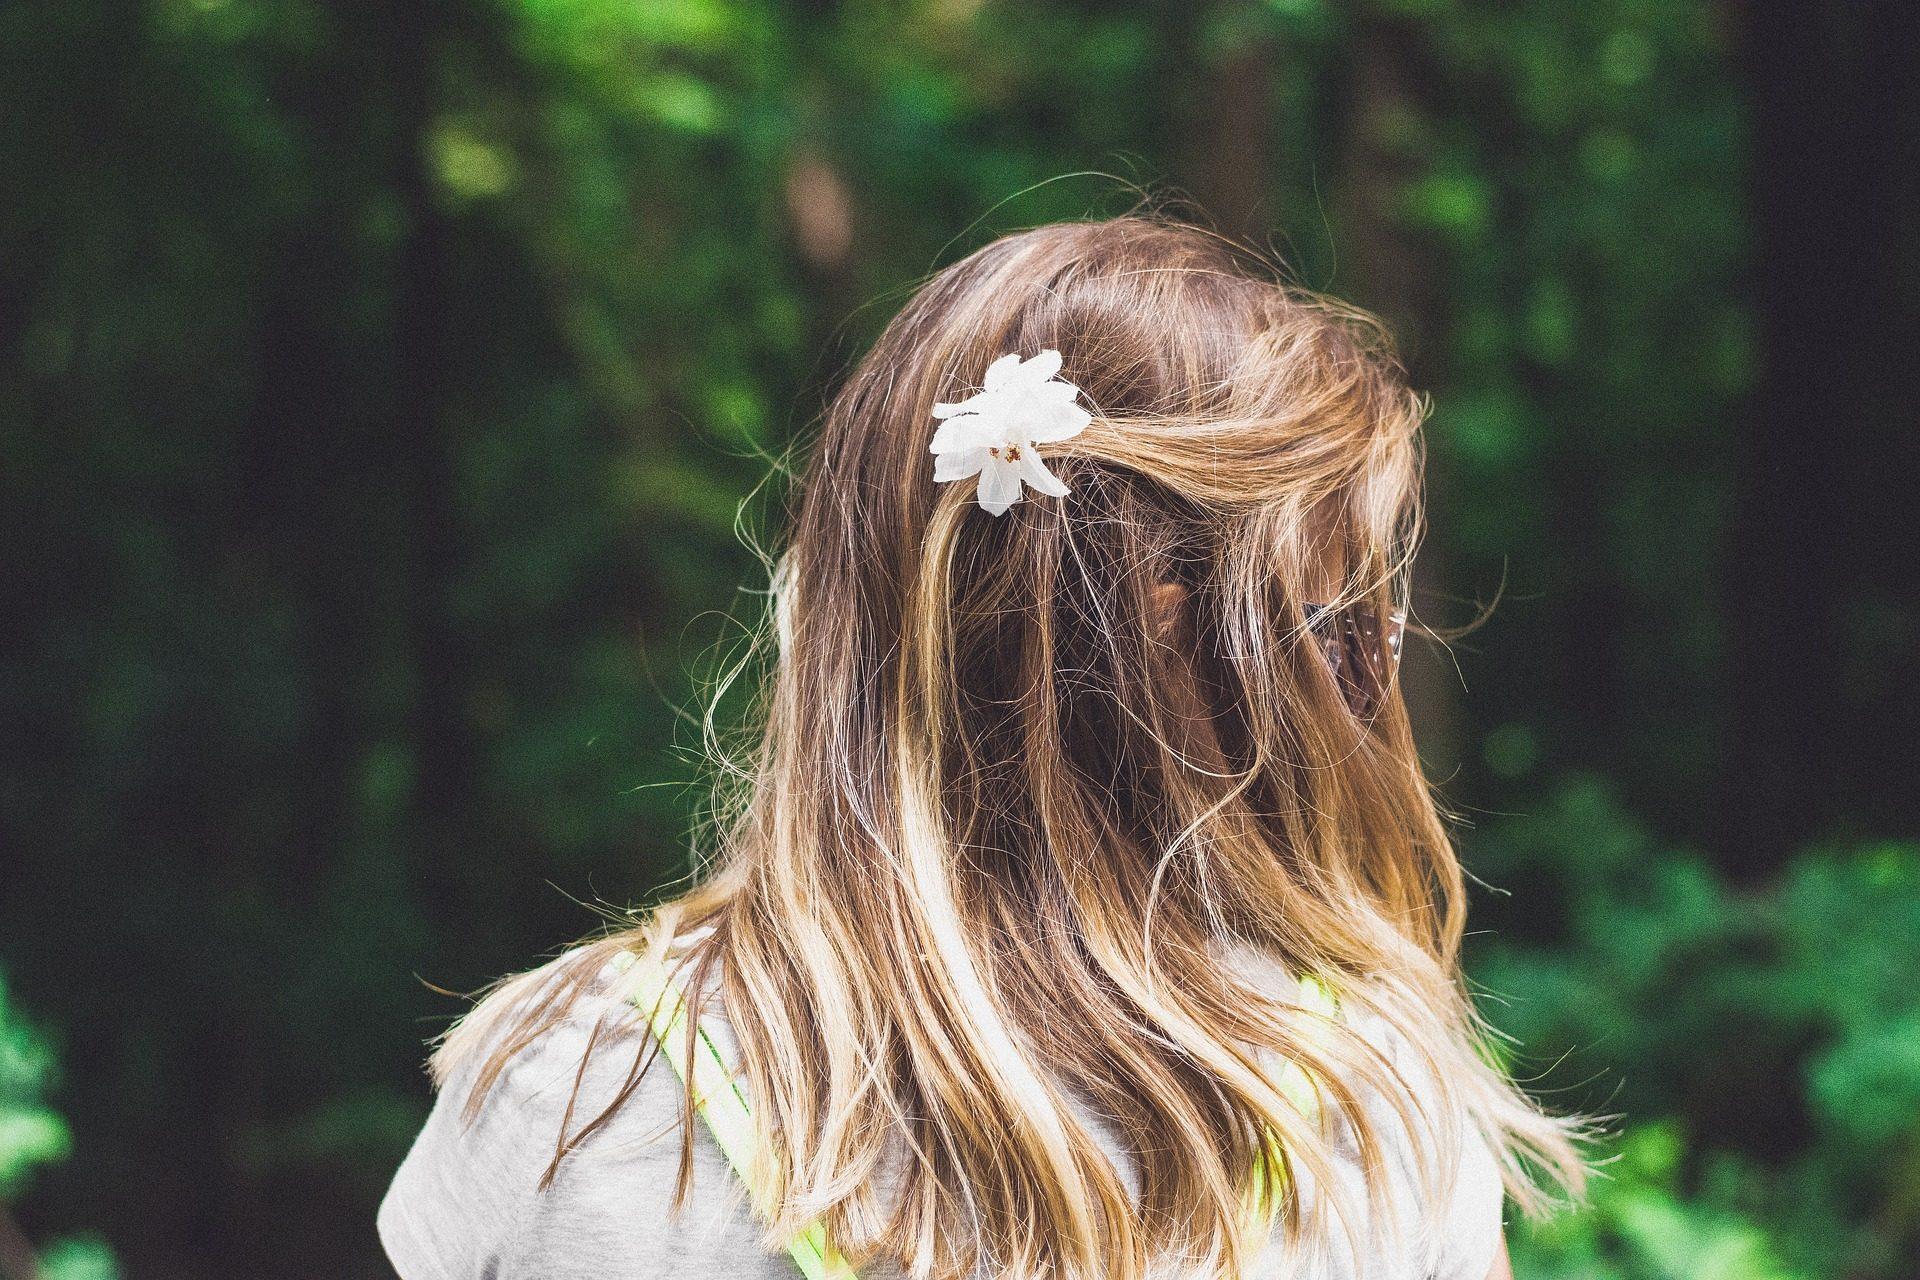 女人, 头发, Cabello, 发型, 花, 森林 - 高清壁纸 - 教授-falken.com